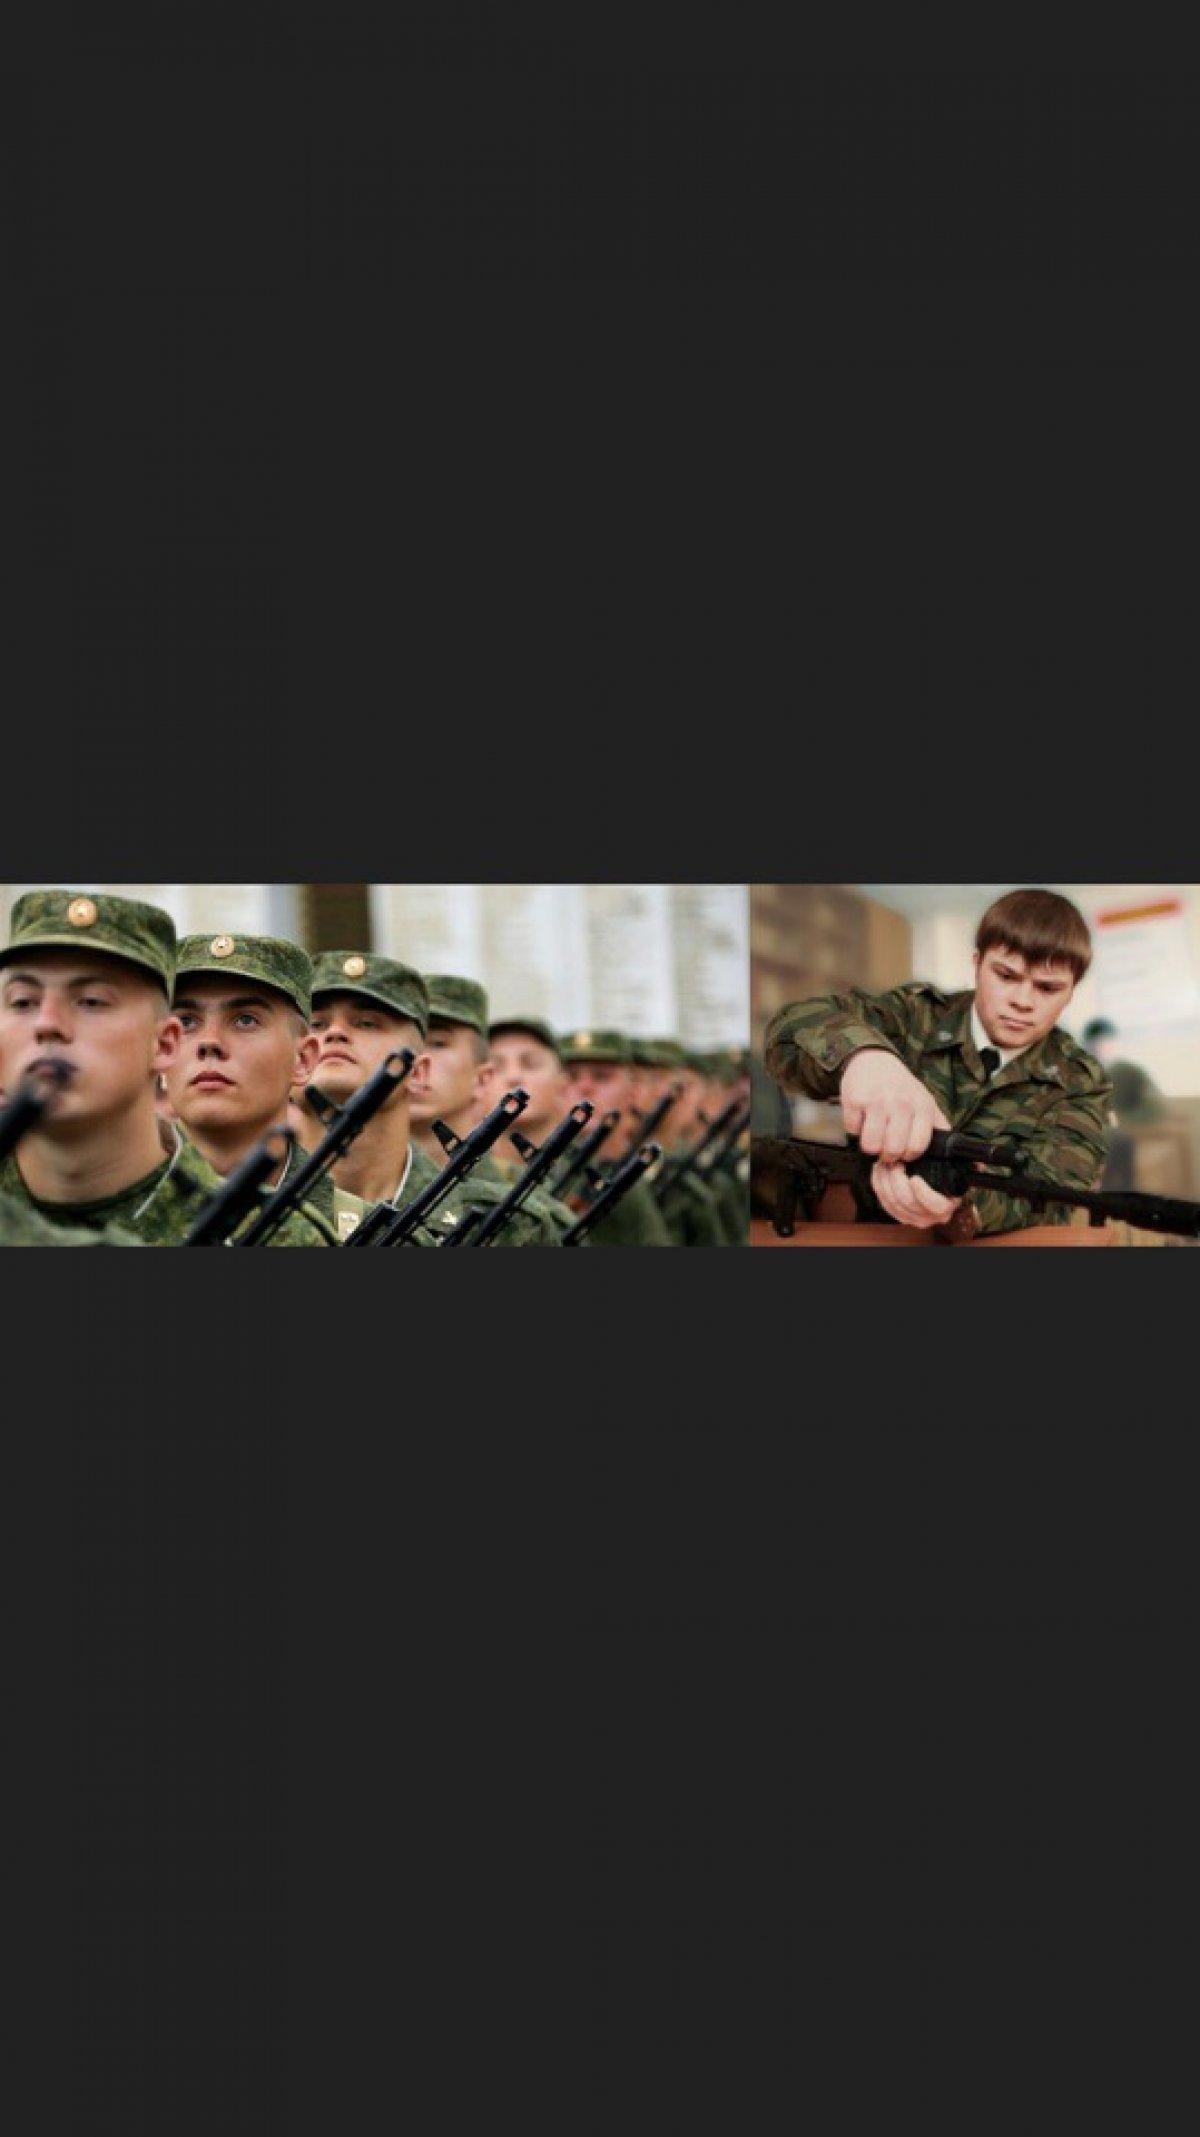 1го февраля в 15.00 в актовом зале второго корпуса состоится торжественное открытие военной кафедры.